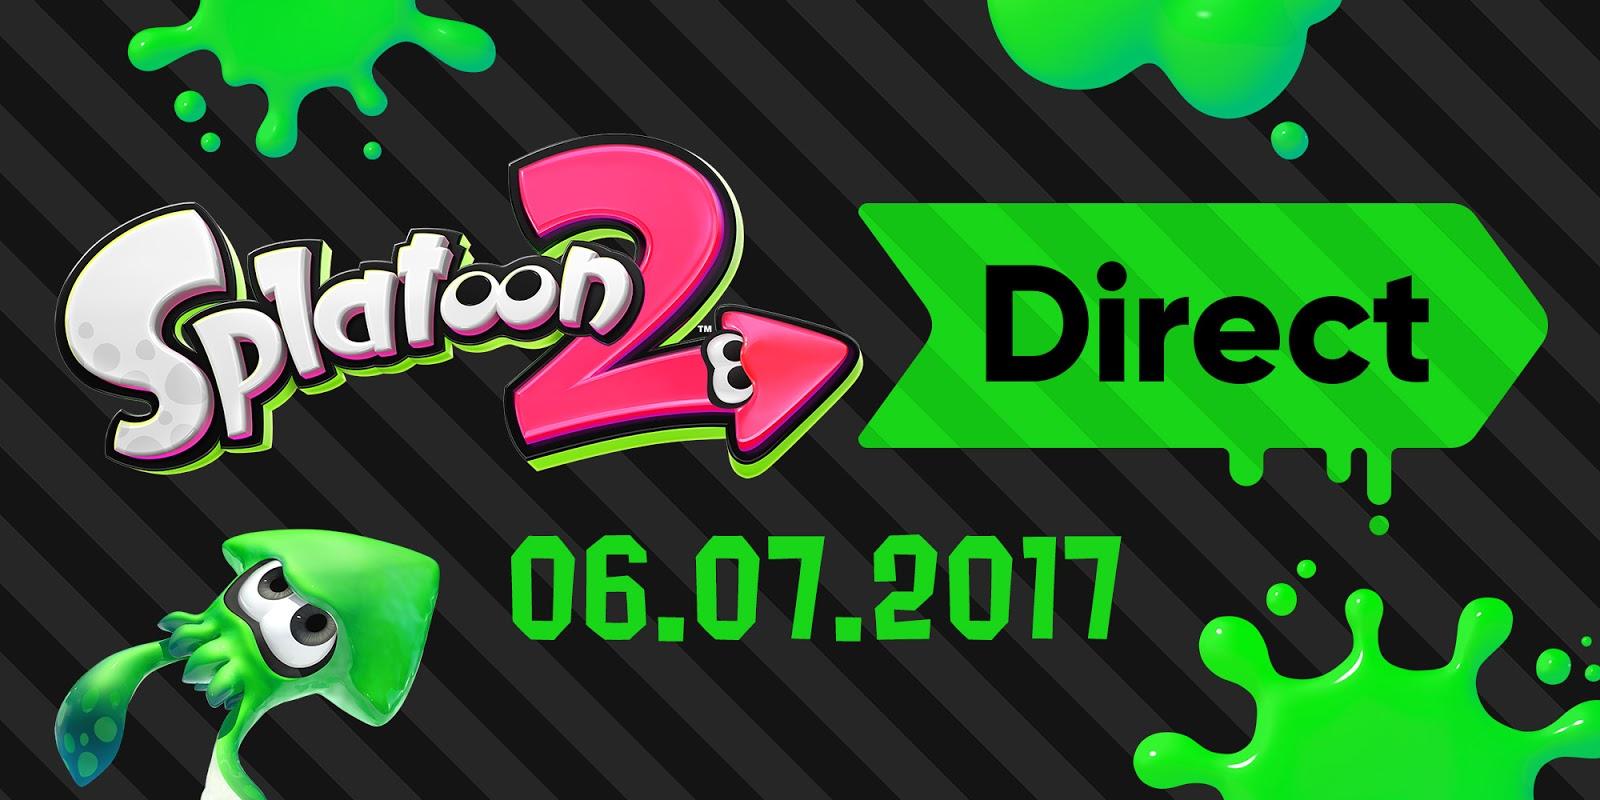 Splatoon 2 anuncia un direct para este jueves 6